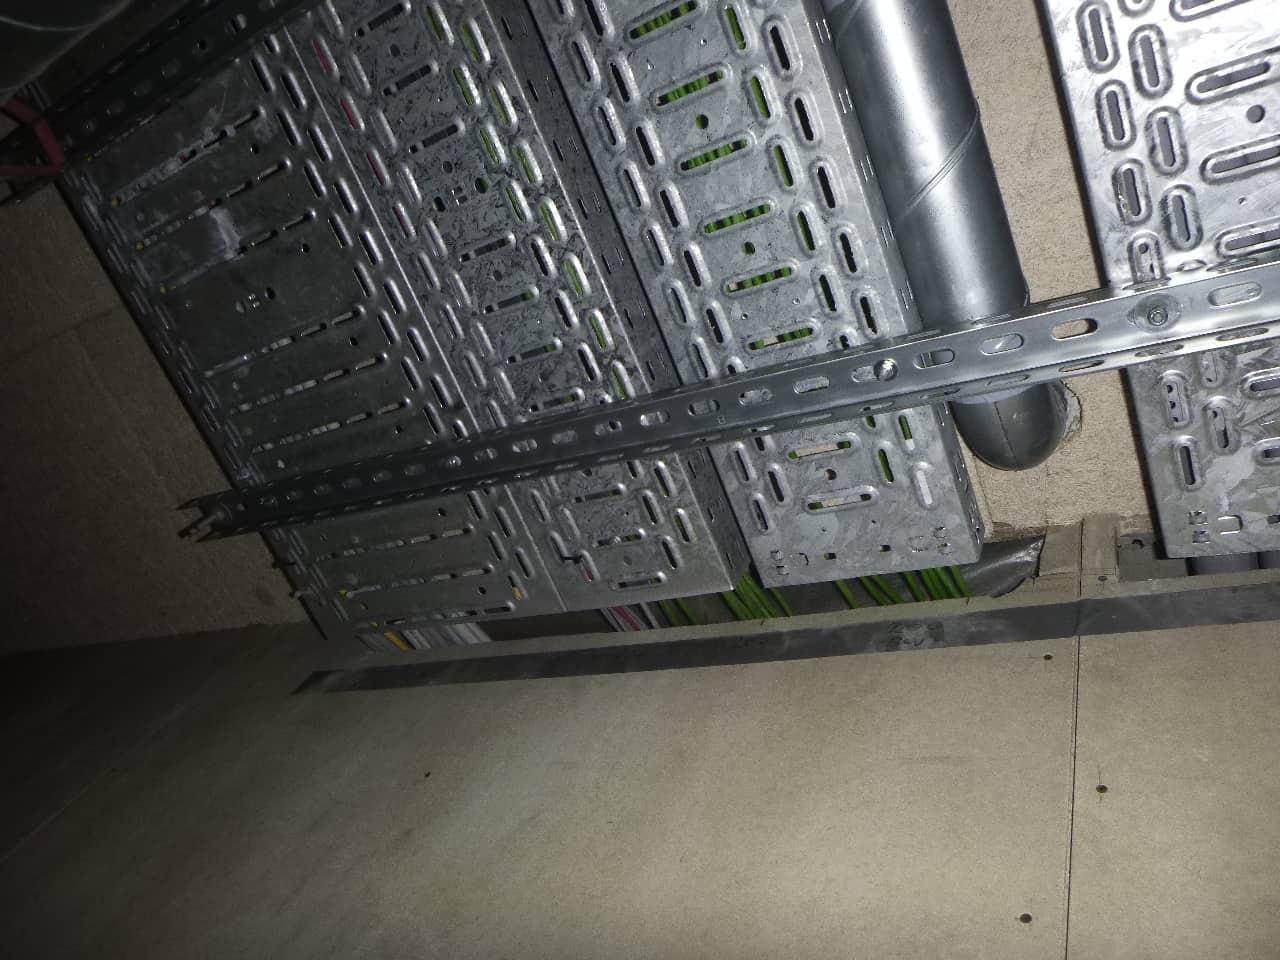 Foto 4. Fout! Aan de zijde van de niet-brandwerende voorzetwand is nauwelijks ruimte aanwezig tussen de kabels en de wand. De kabeldoorvoeren moeten aan beide zijden van de betonnen wand brandwerend worden afgewerkt OP de betonnen wand. Als de niet-brandwerende voorzetwand strak aansluit tegen de doorvoer kan de brandwerende voorziening niet goed zijn werking doen en branddoorslag plaatsvinden.